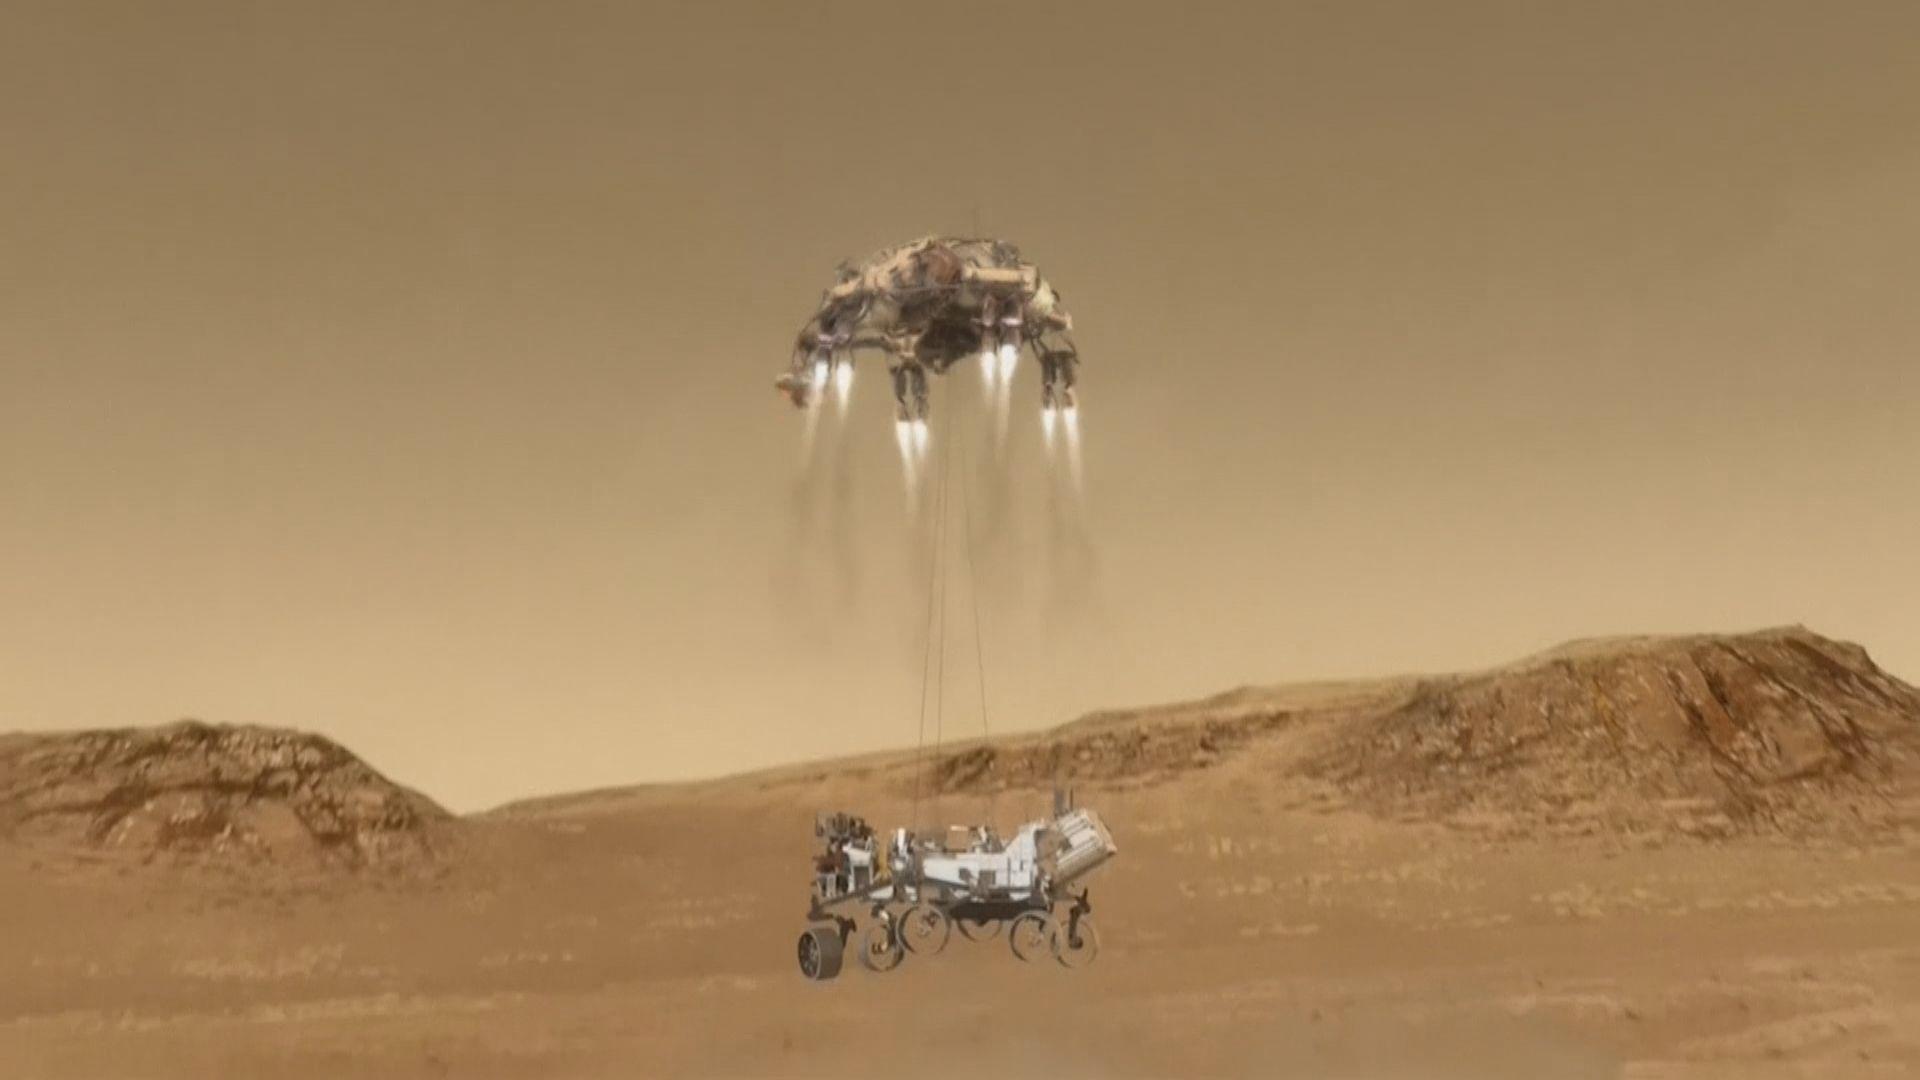 【成功著陸】美國探測器毅力號助分析火星曾否出現生命